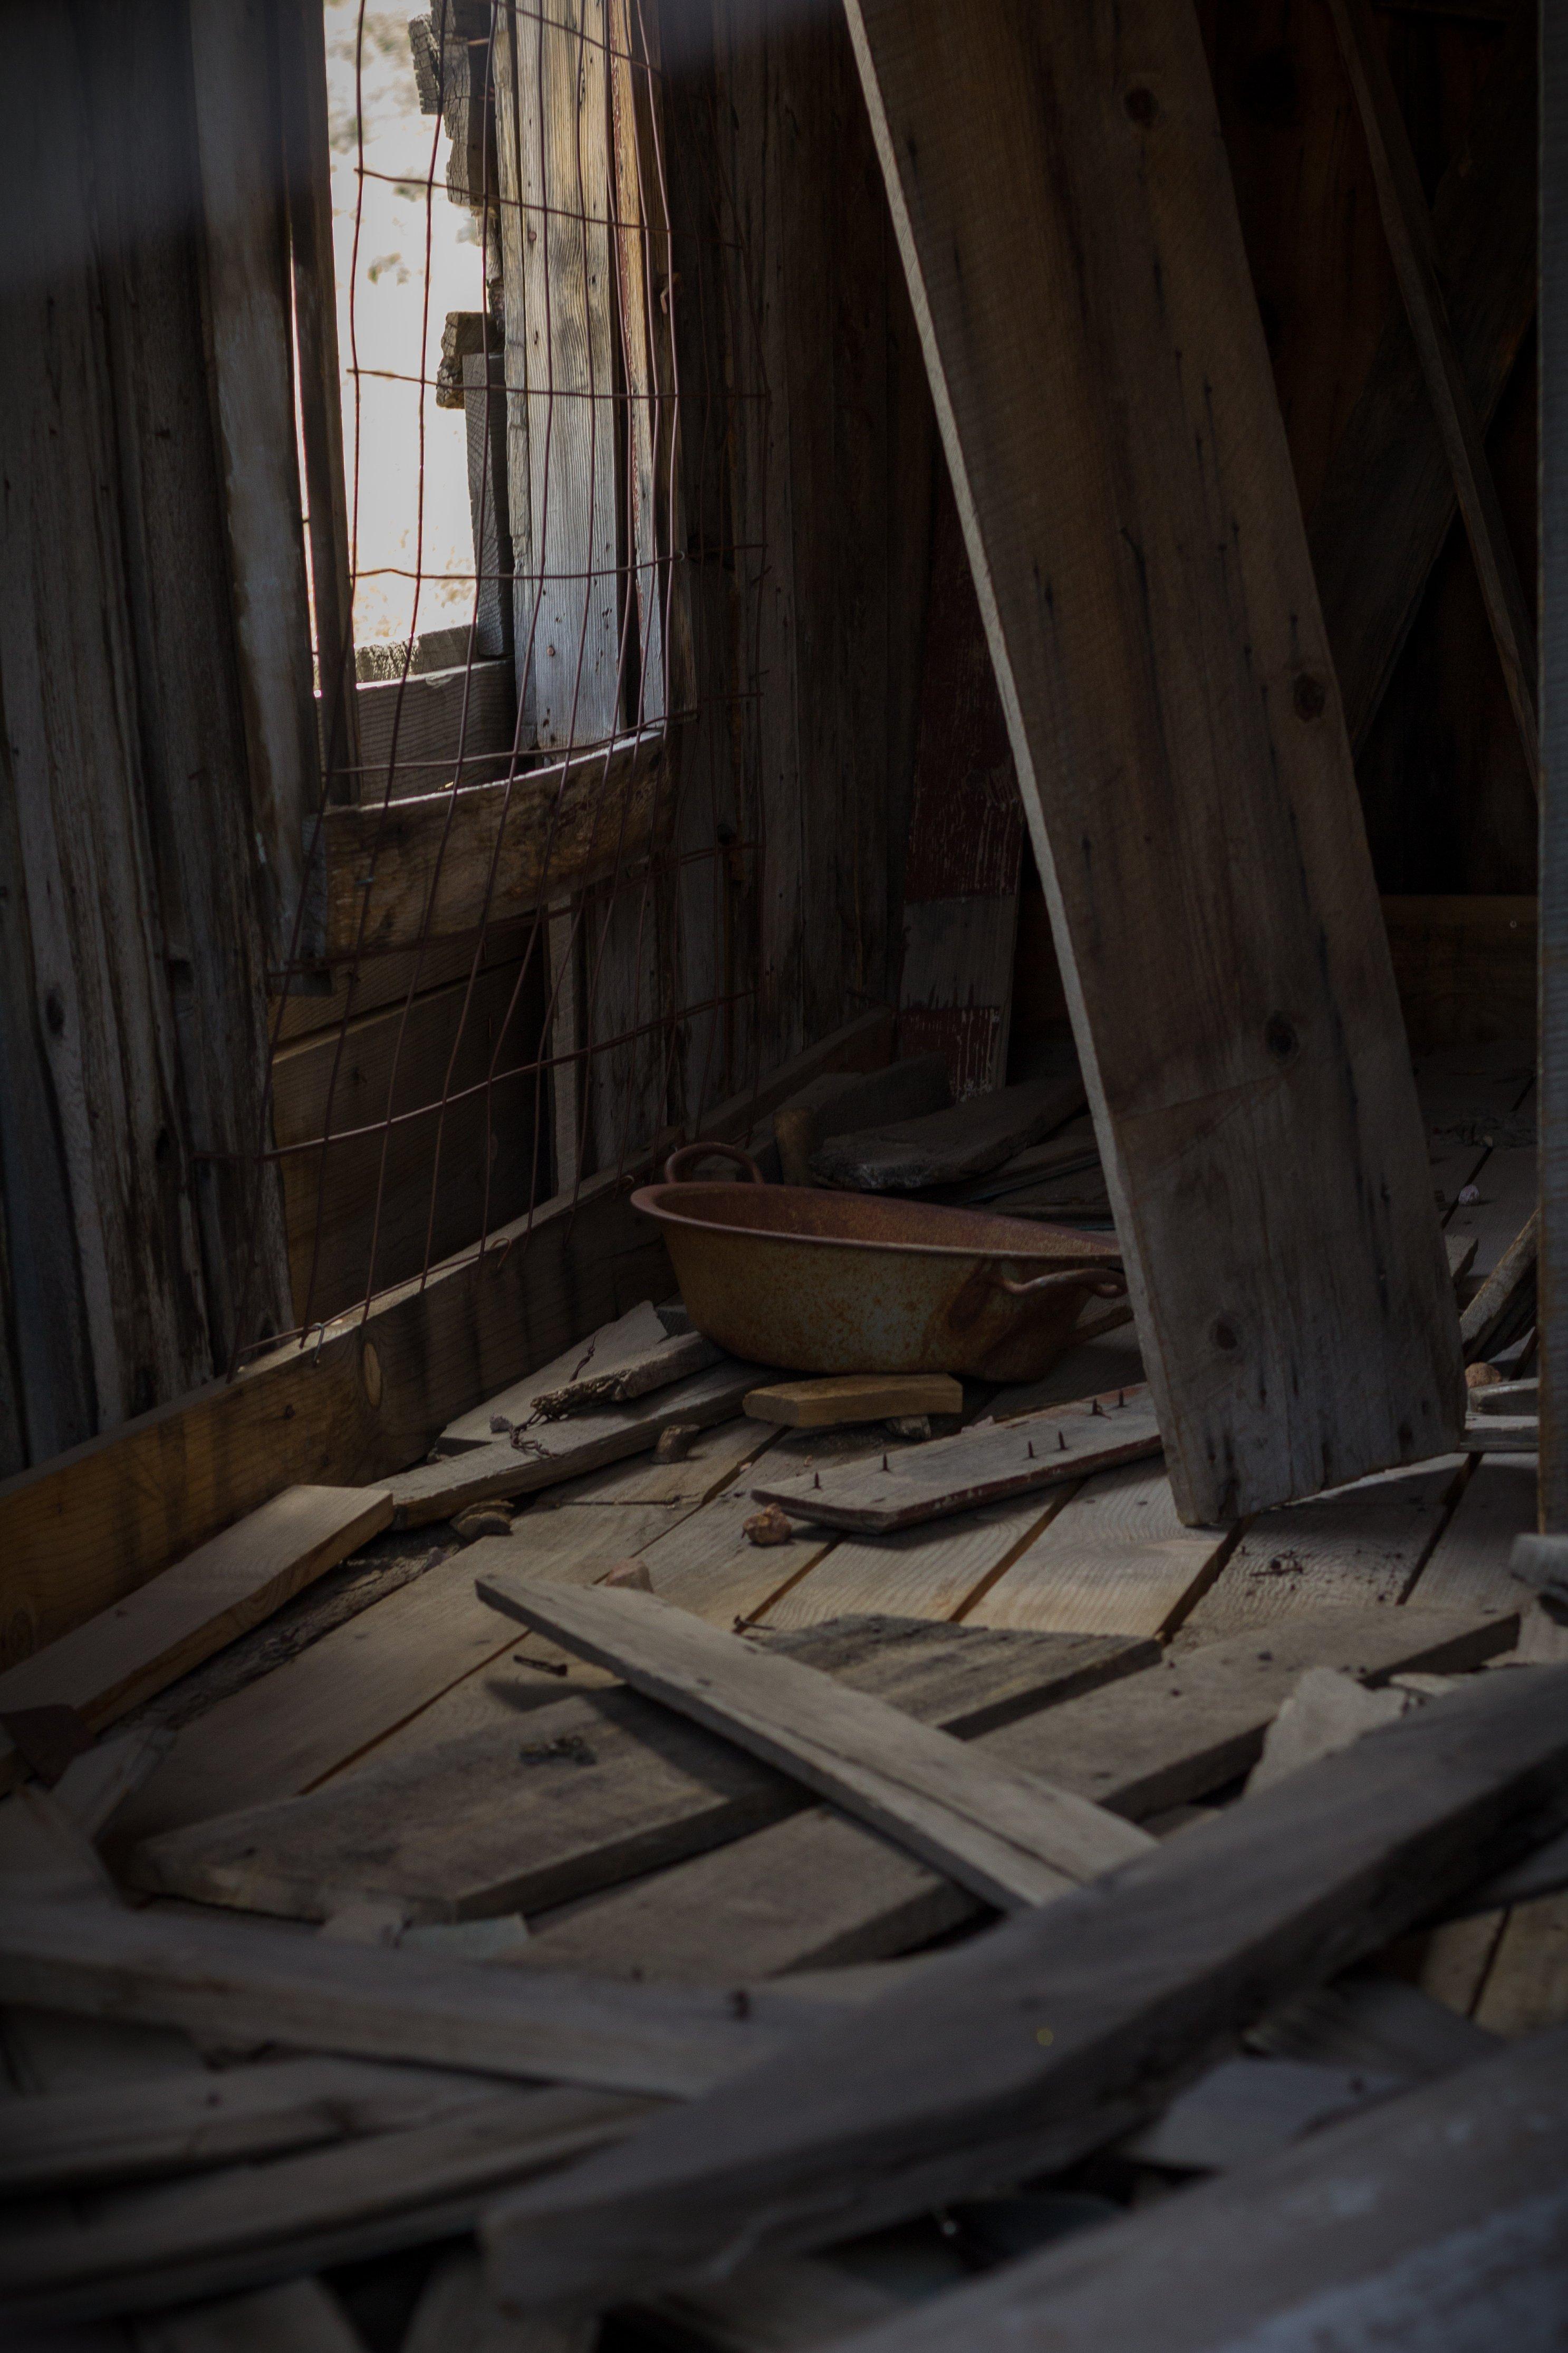 wooden-room